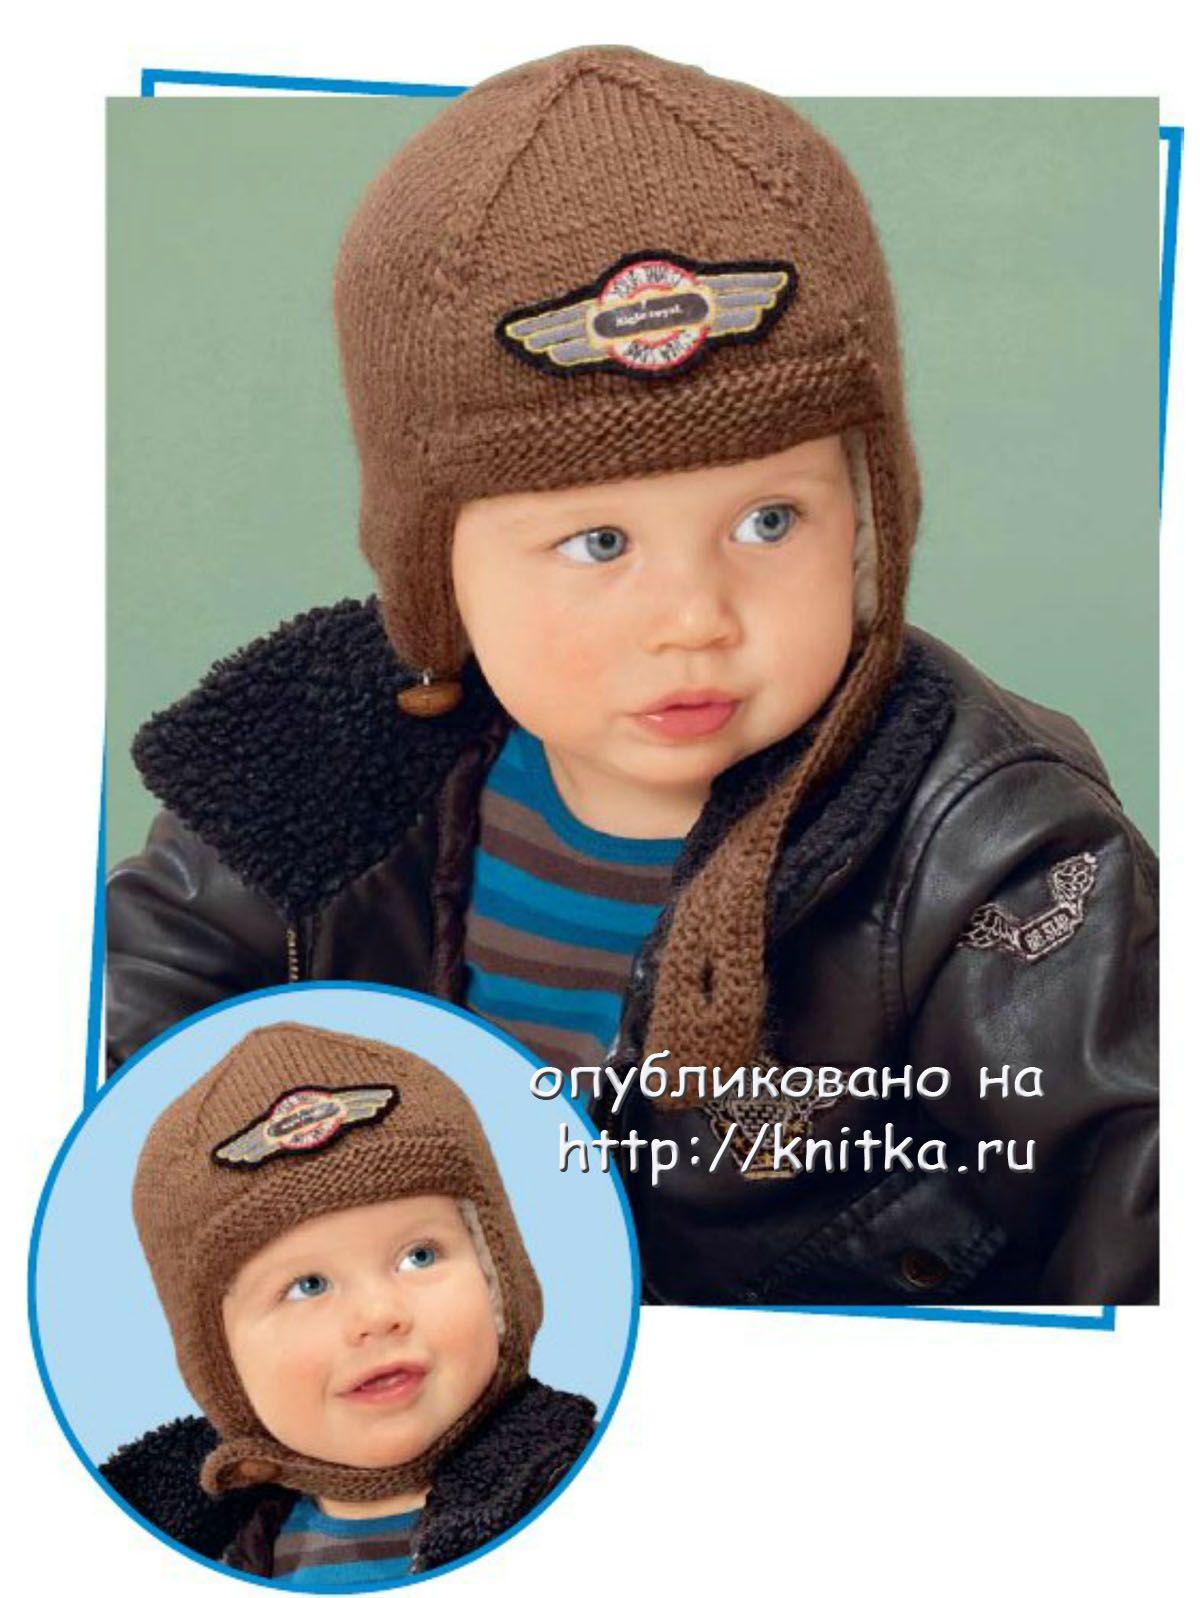 пошаговая инструкция вязания спицами шапочки для ребенка 1 год